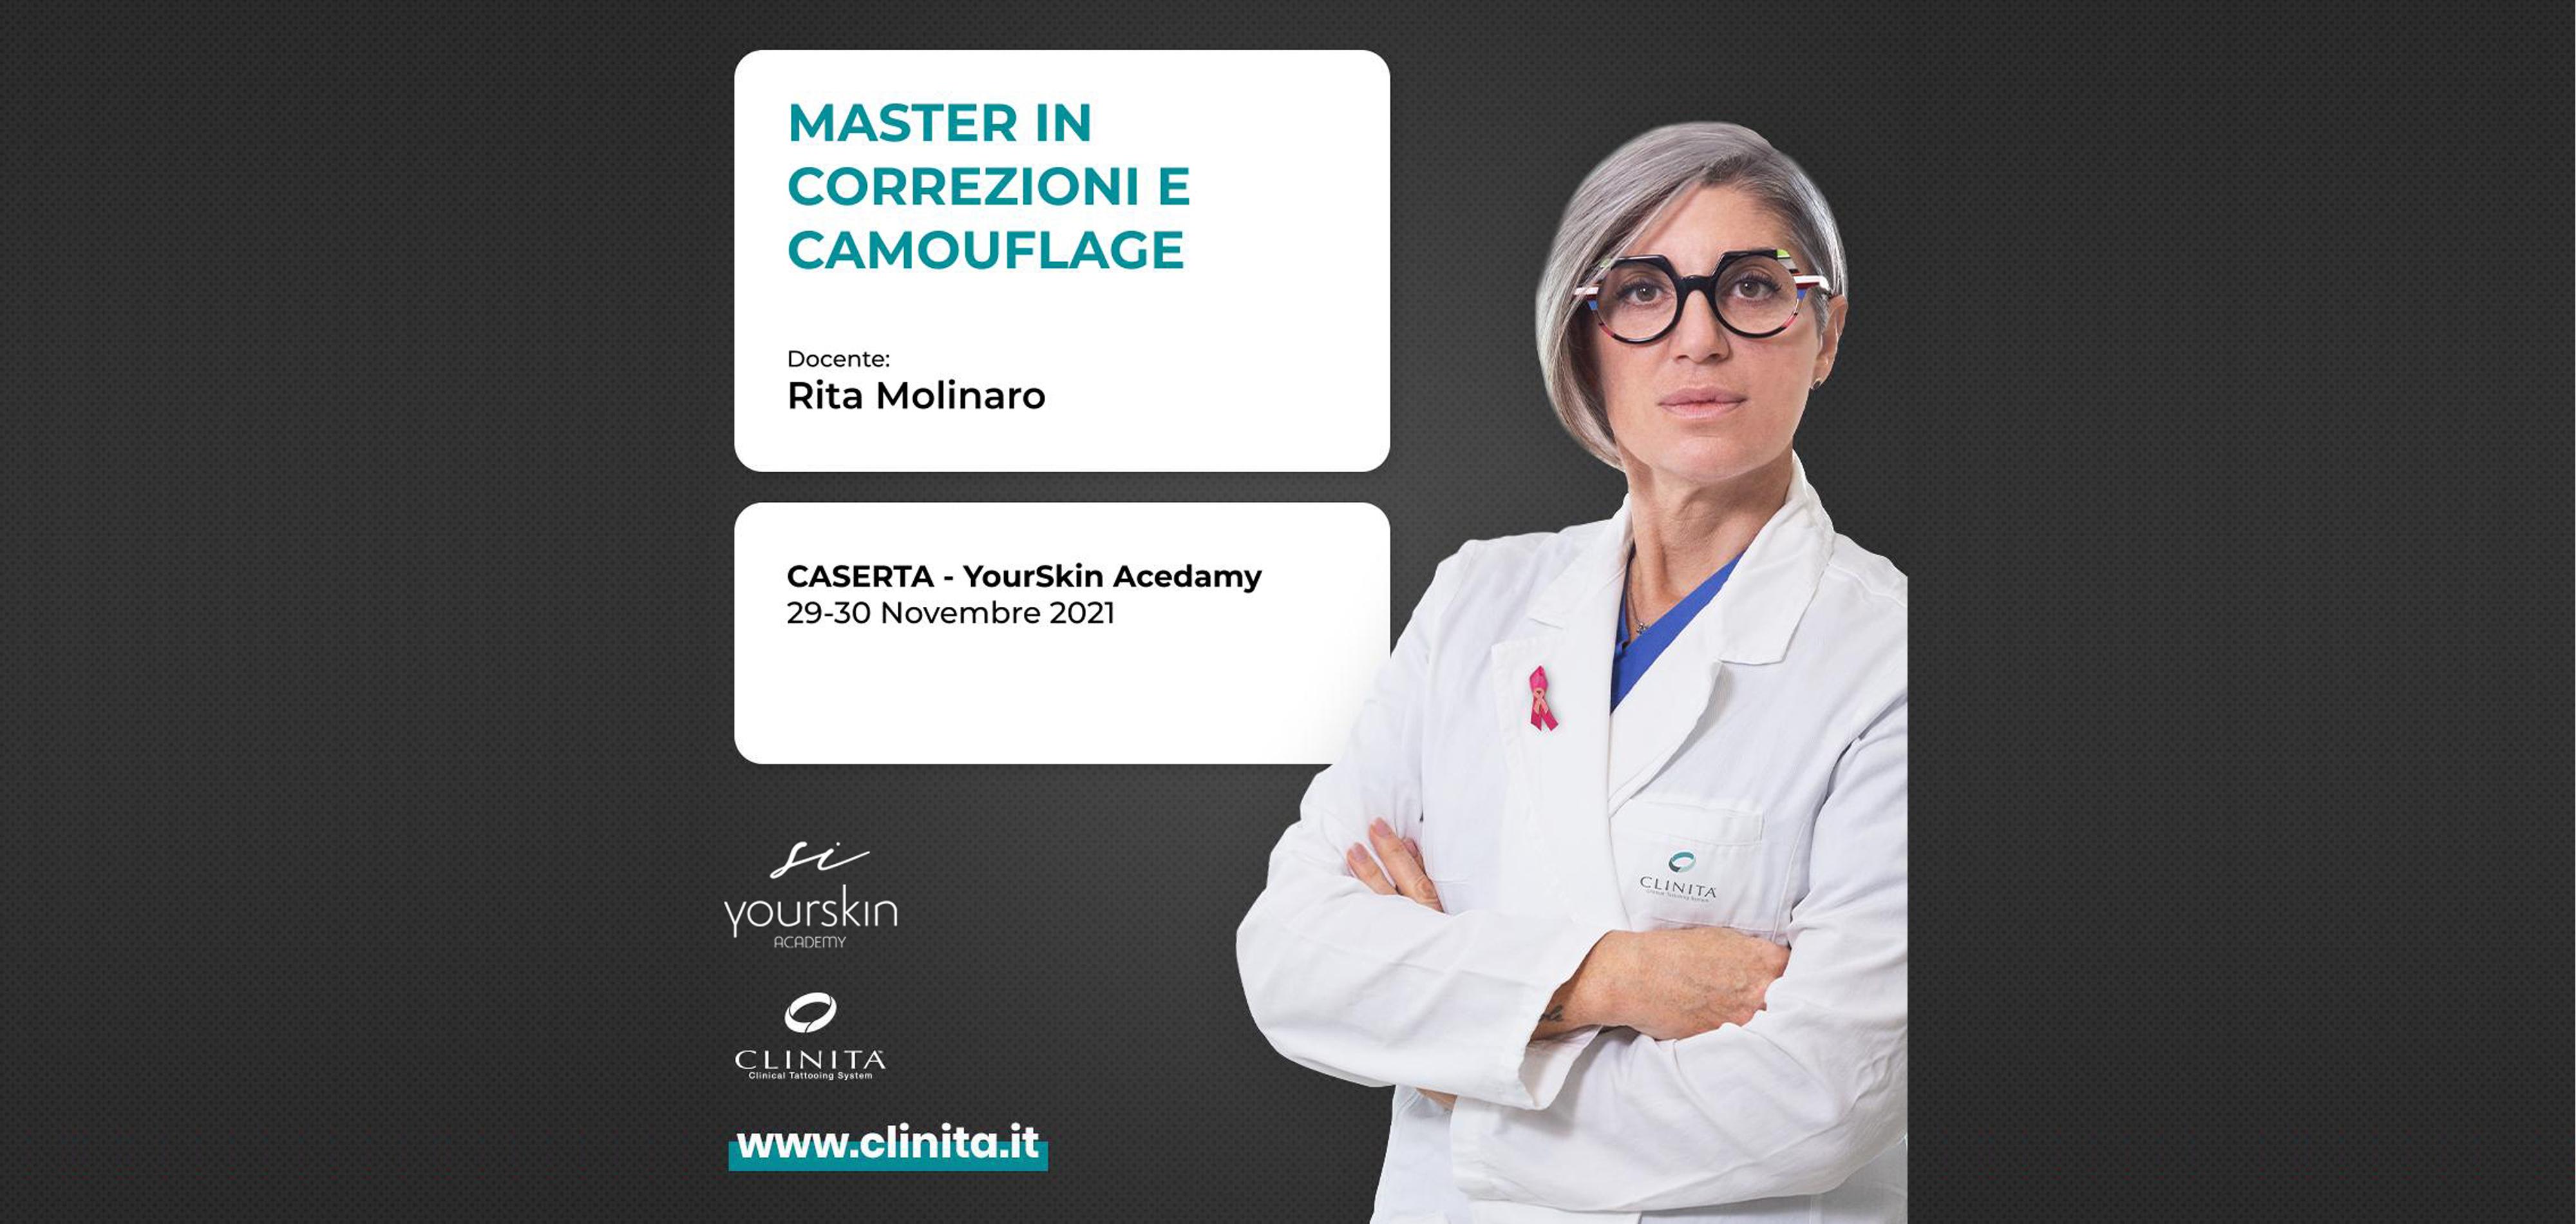 Master Correzioni e Camouflage a Caserta - 29 e 30 novembre 2021